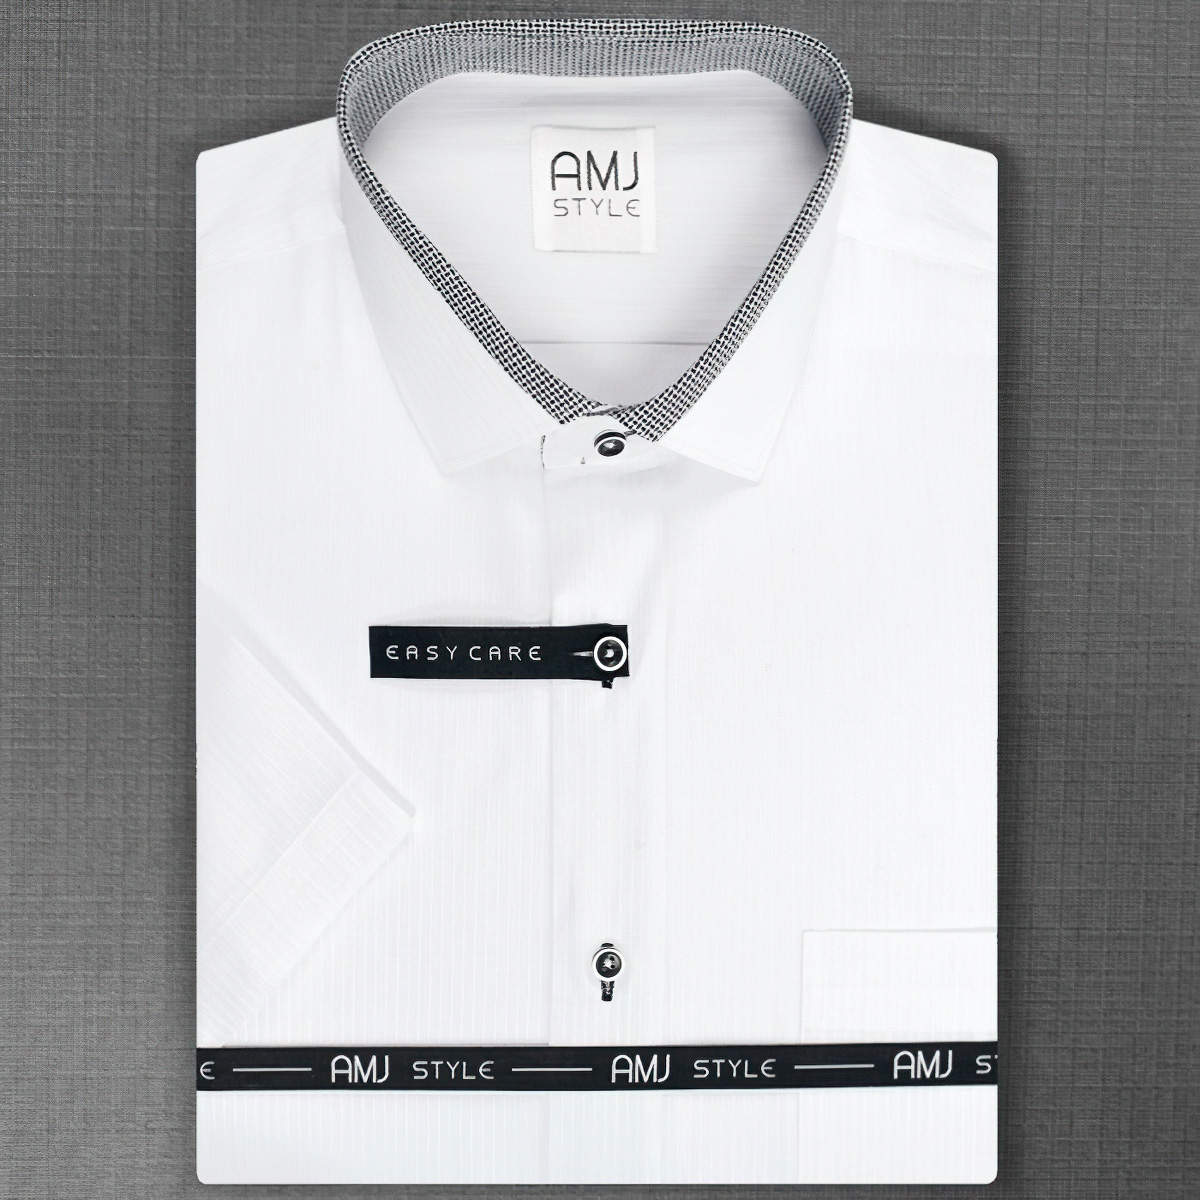 Pánská košile AMJ bílá VKZ807, krátký rukáv